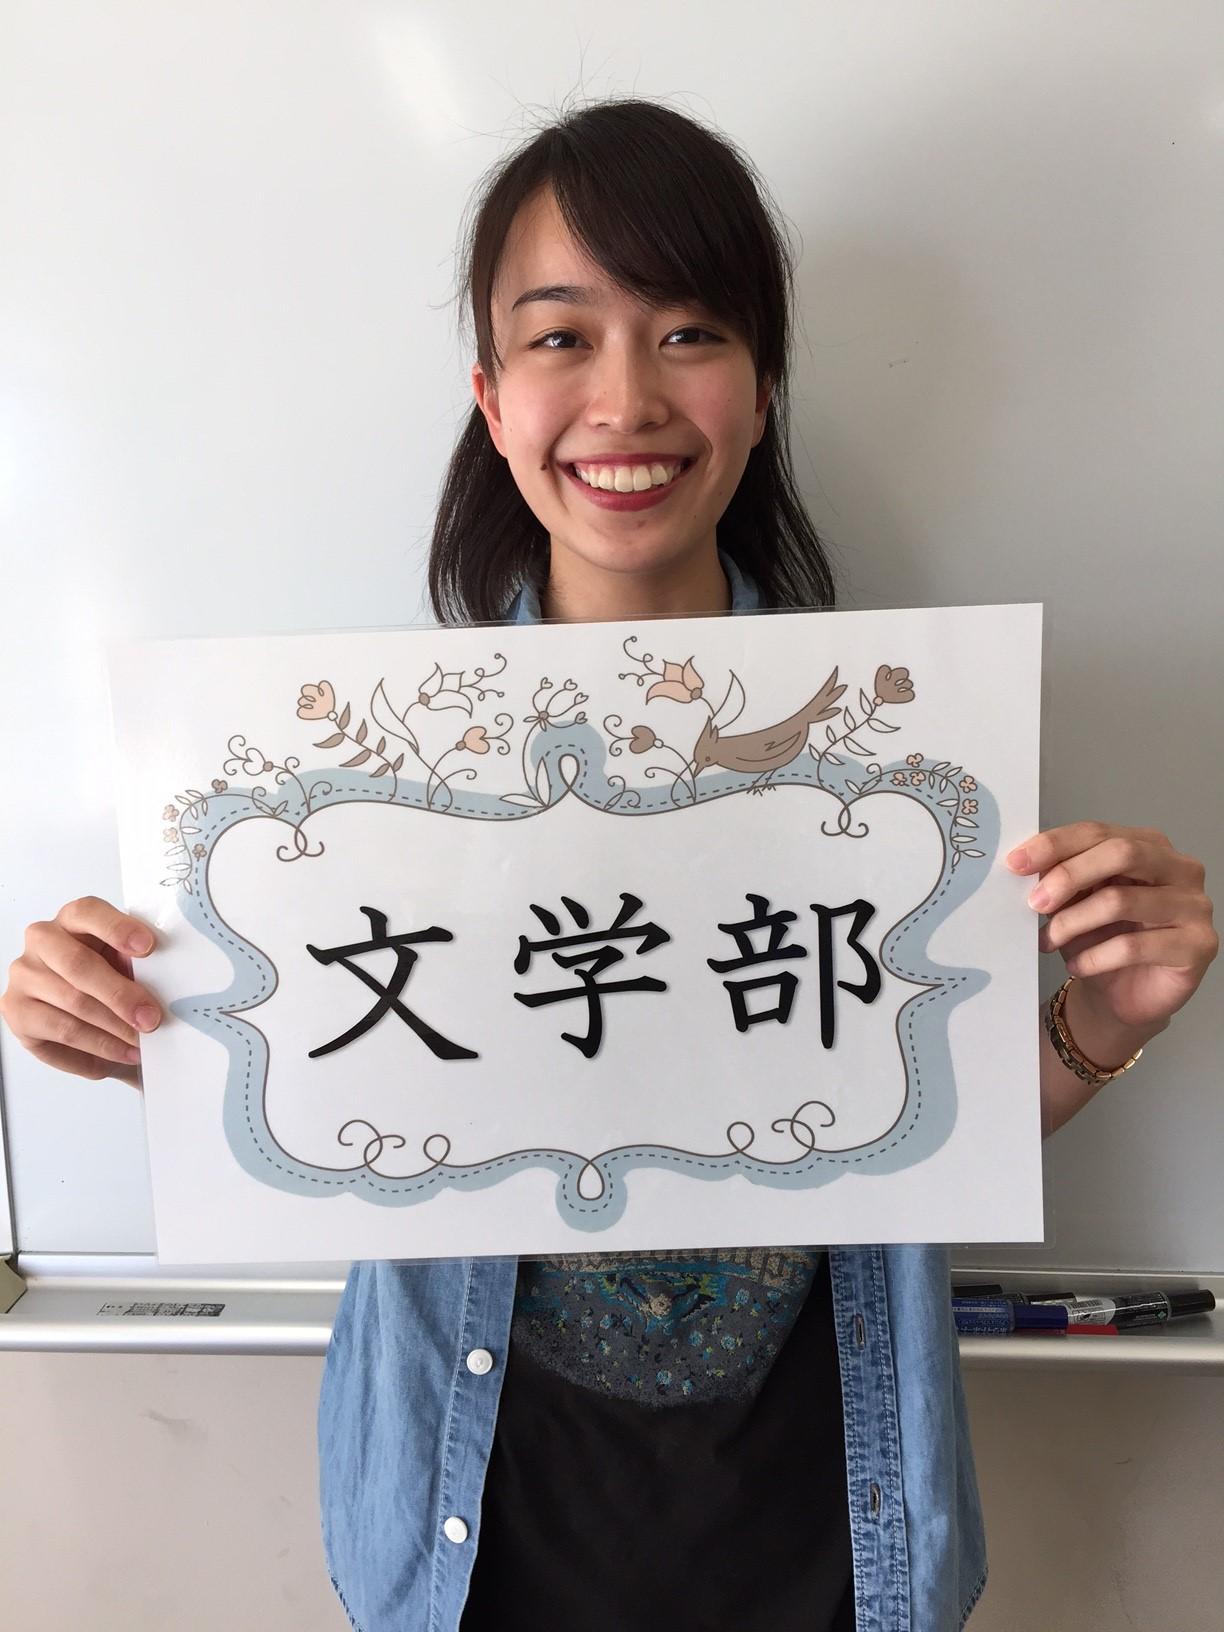 6月11日(日)10:30~ 文学部説明会開催! AO・推薦入試対策会も開催!